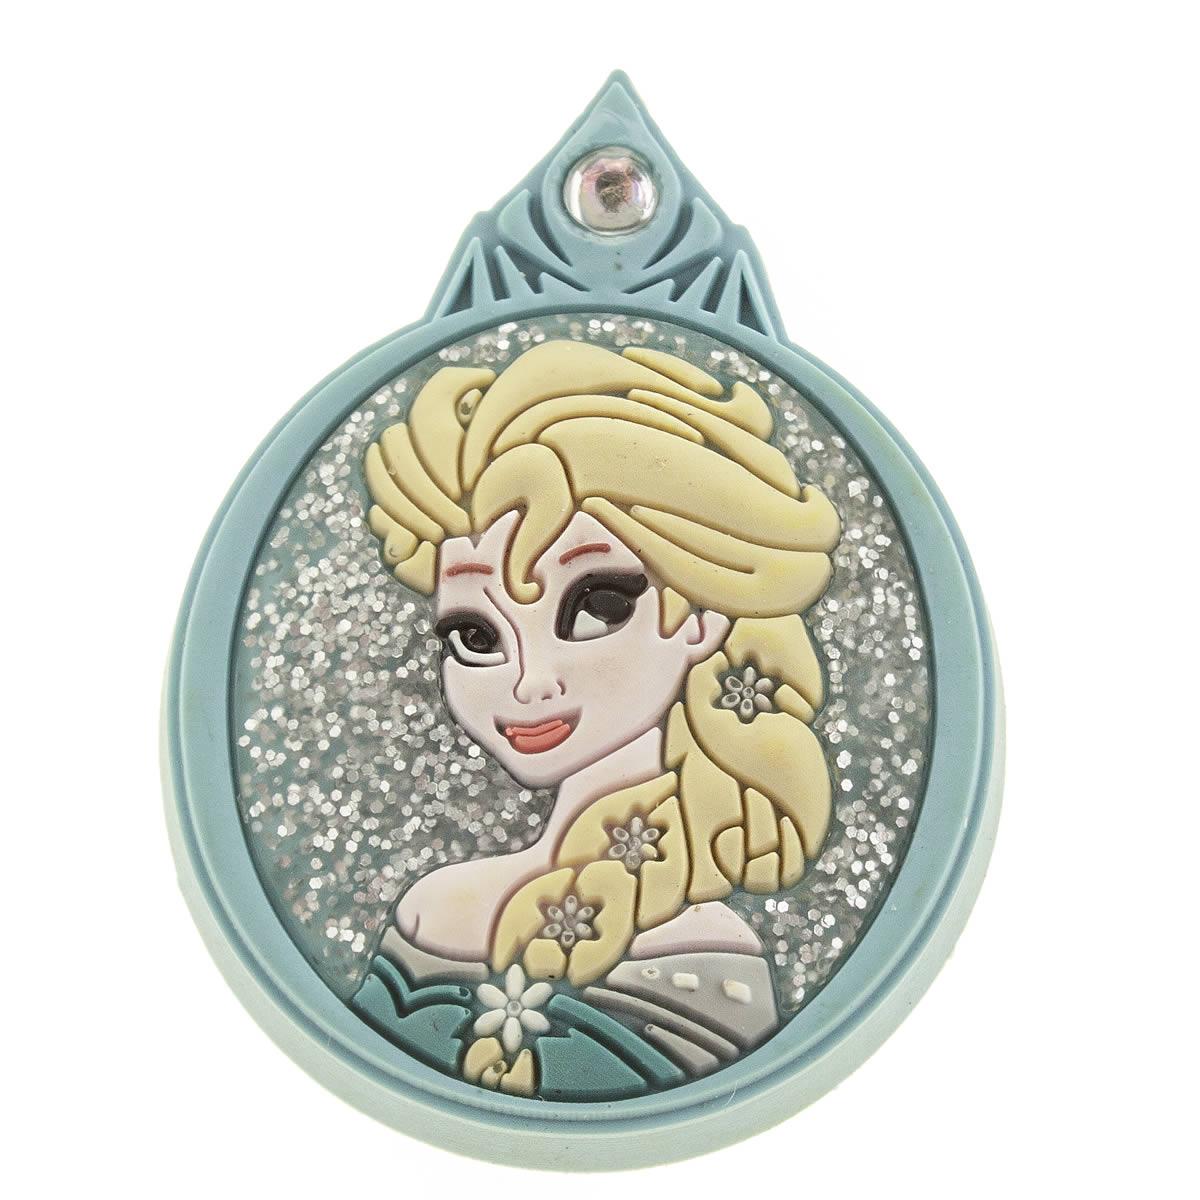 jibbitz Jibbitz Turquoise Frozen Elsa Shoe Accessories